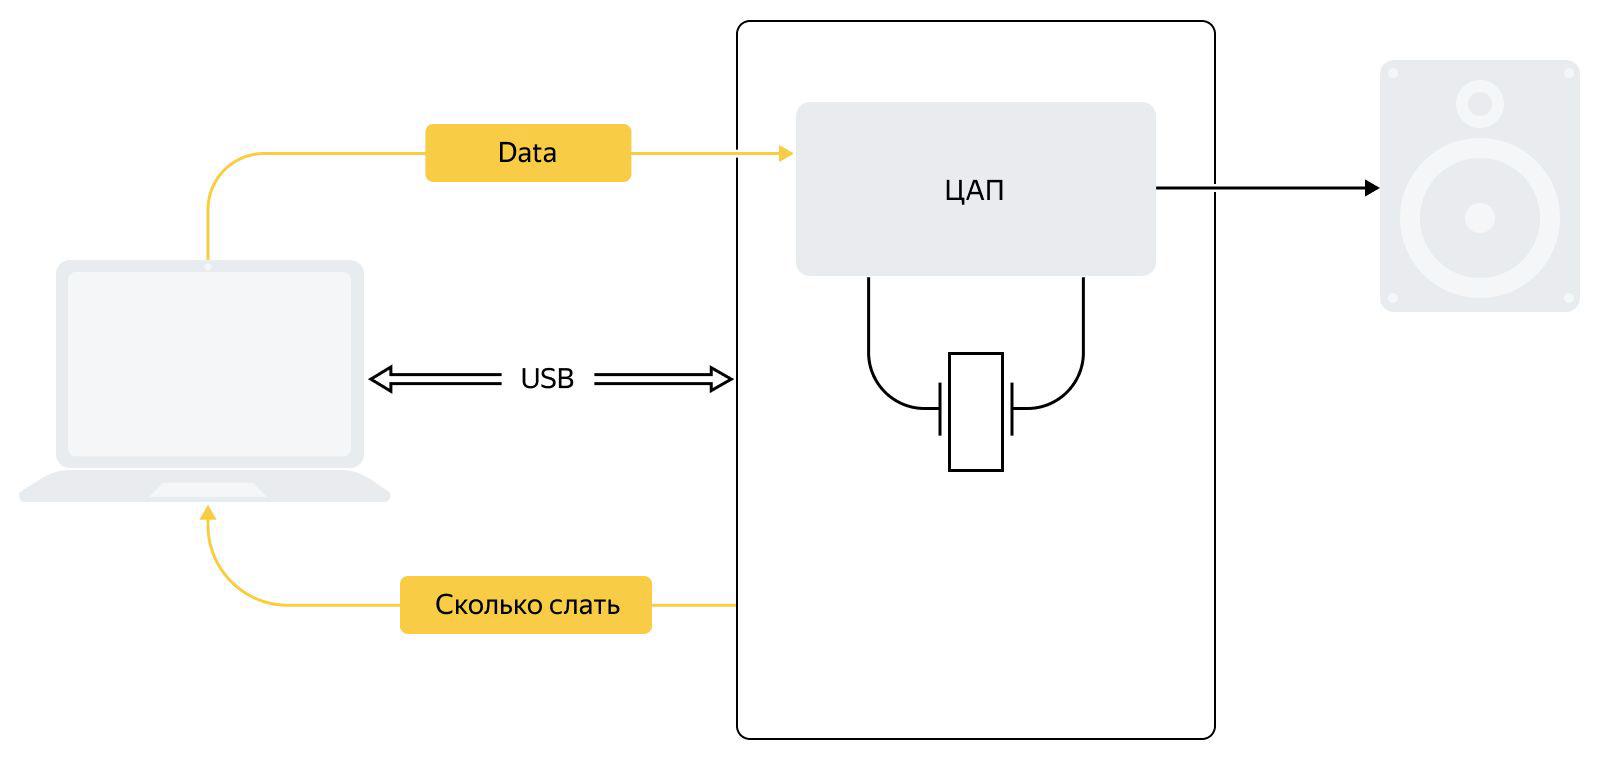 Как мы тестируем системы микрофонов на STM32: опыт разработчиков устройств Яндекса - 5